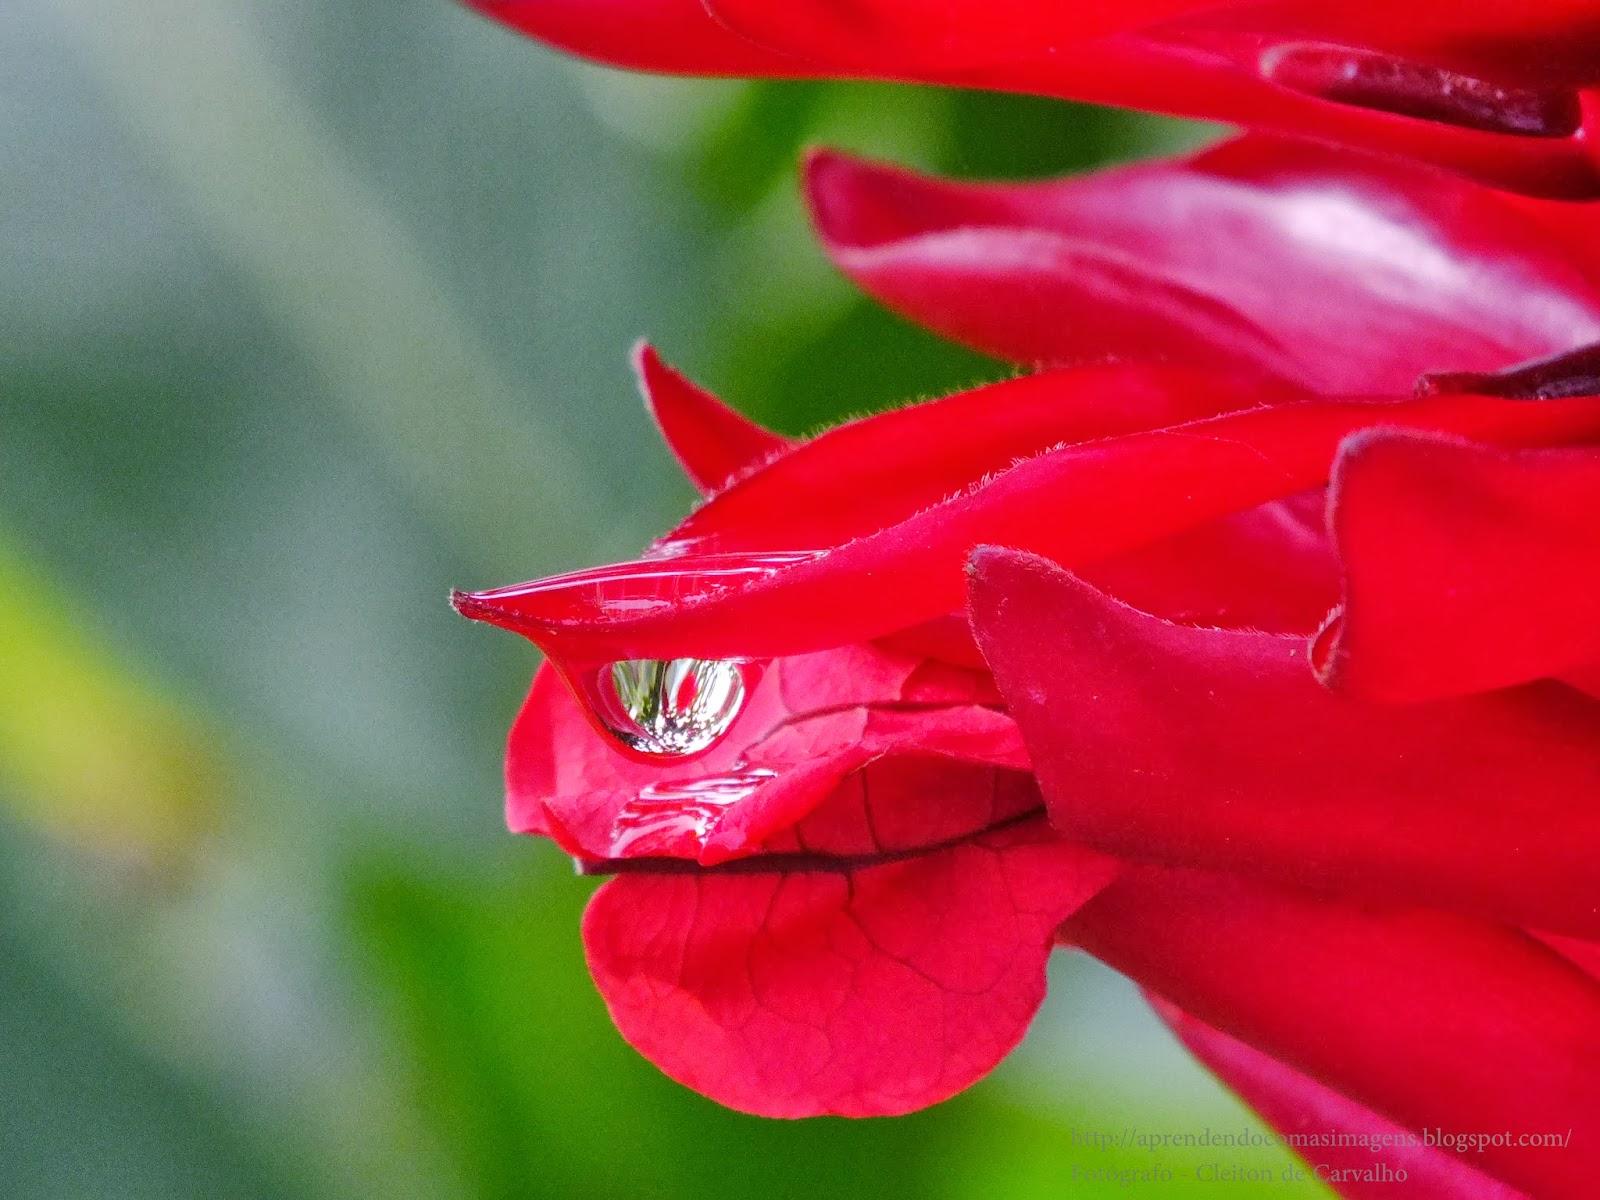 http://aprendendocomasimagens.blogspot.com/2013/12/sentimentos-beleza-felicidades.html - Com um simples beijo, marca-se o tempo. Com as belas e autênticas cores, embeleza-se a Vida. Com a simplicidade de um olhar, façamos Homenagens... Que nesse momento único e especial, todo Prato persista em cada pétalas a Felicidade...